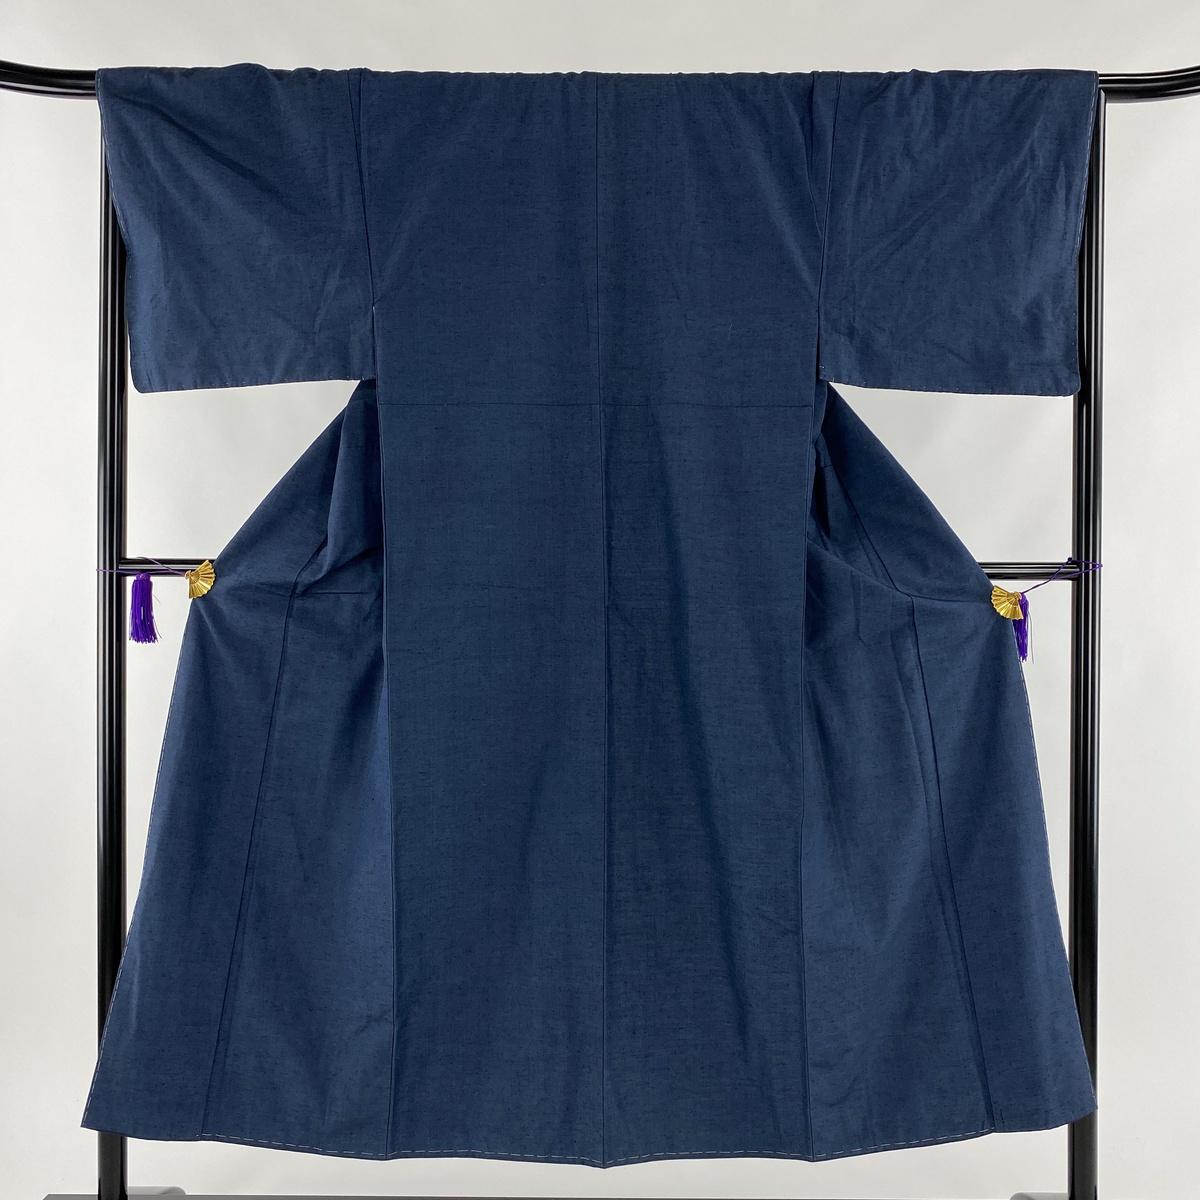 男着物 美品 秀品 藍色 袷 身丈146cm 裄丈68cm S 正絹 【中古】